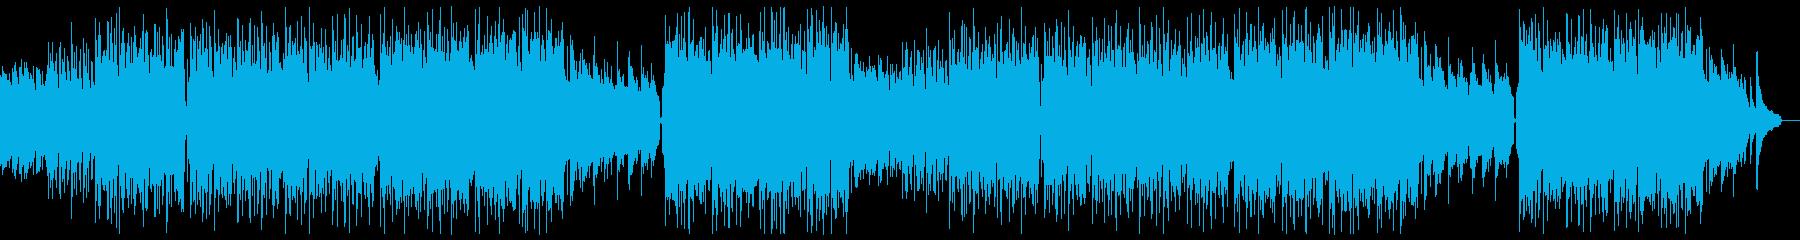 明るいピアノバイオリンポップ:フルx2の再生済みの波形